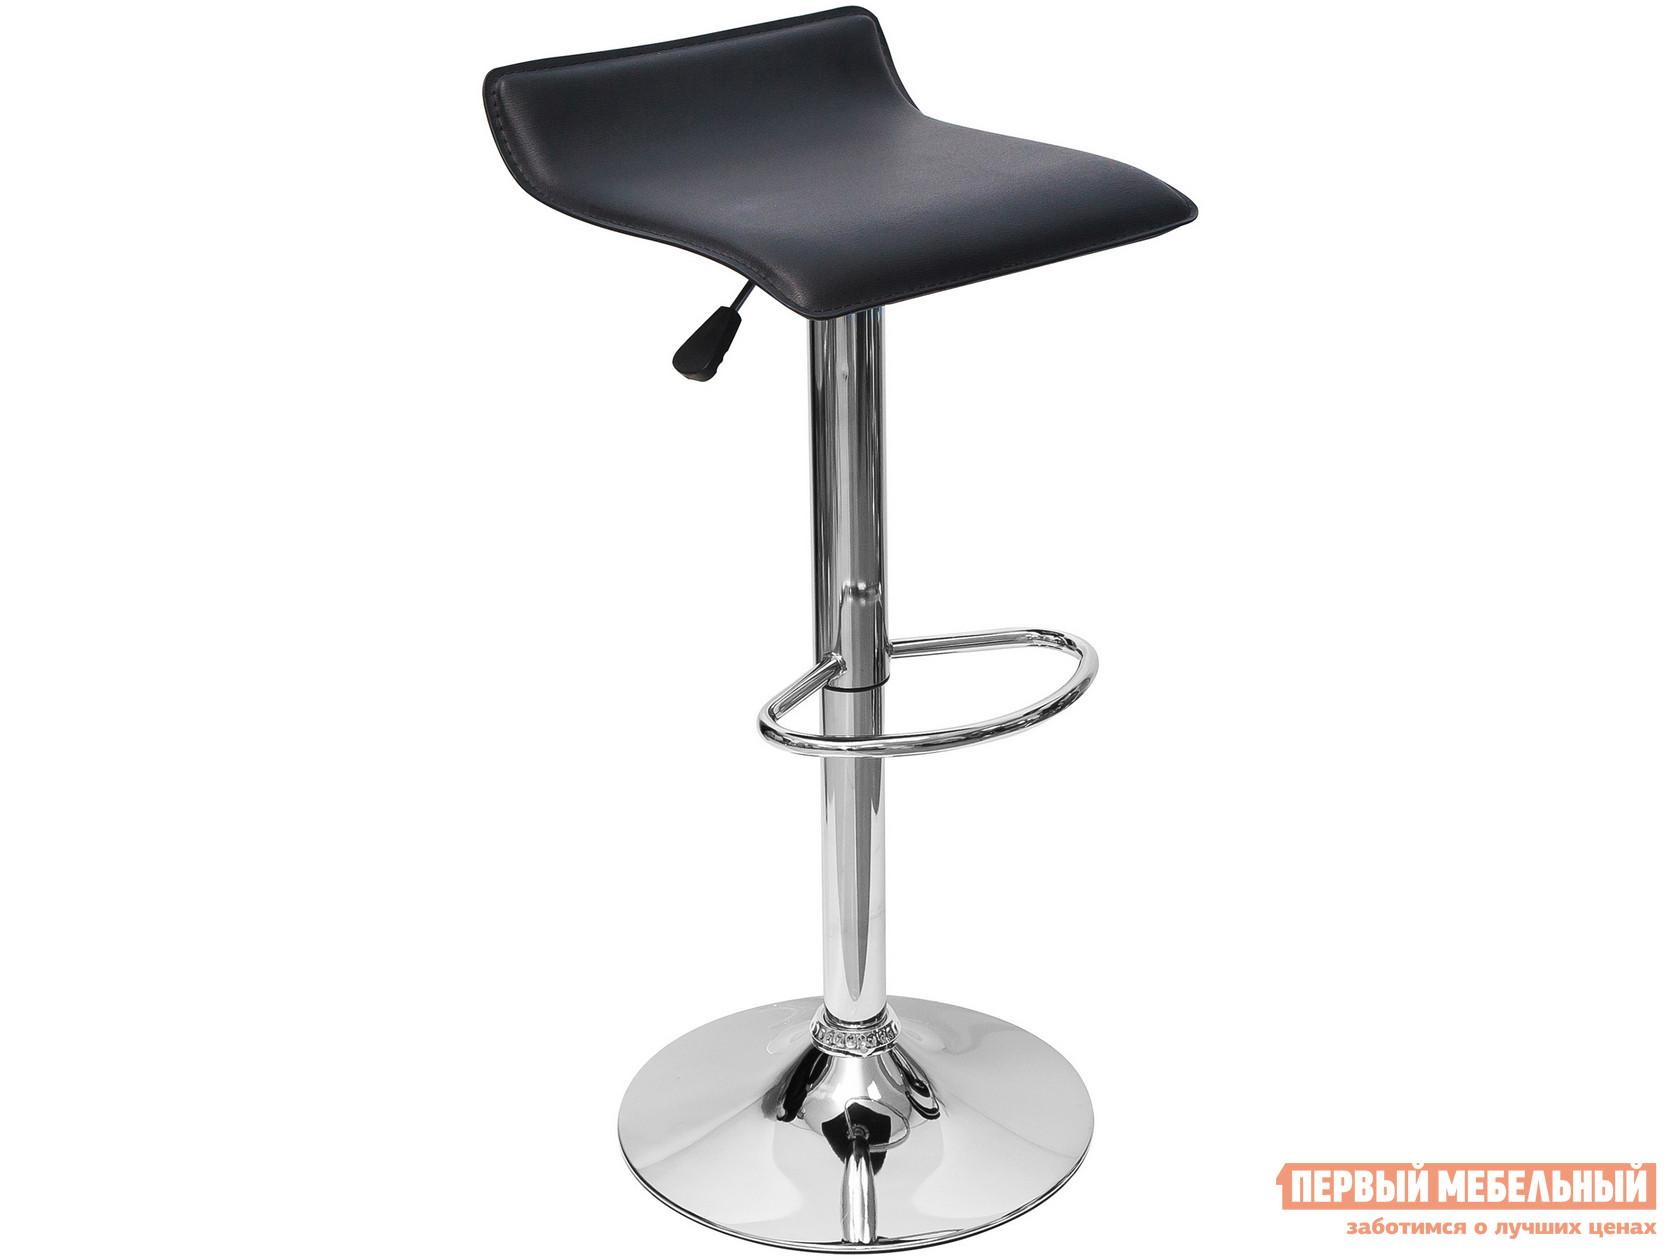 Барный стул  hi-tec NEW Черный, экокожа STOOL GROUP 33427